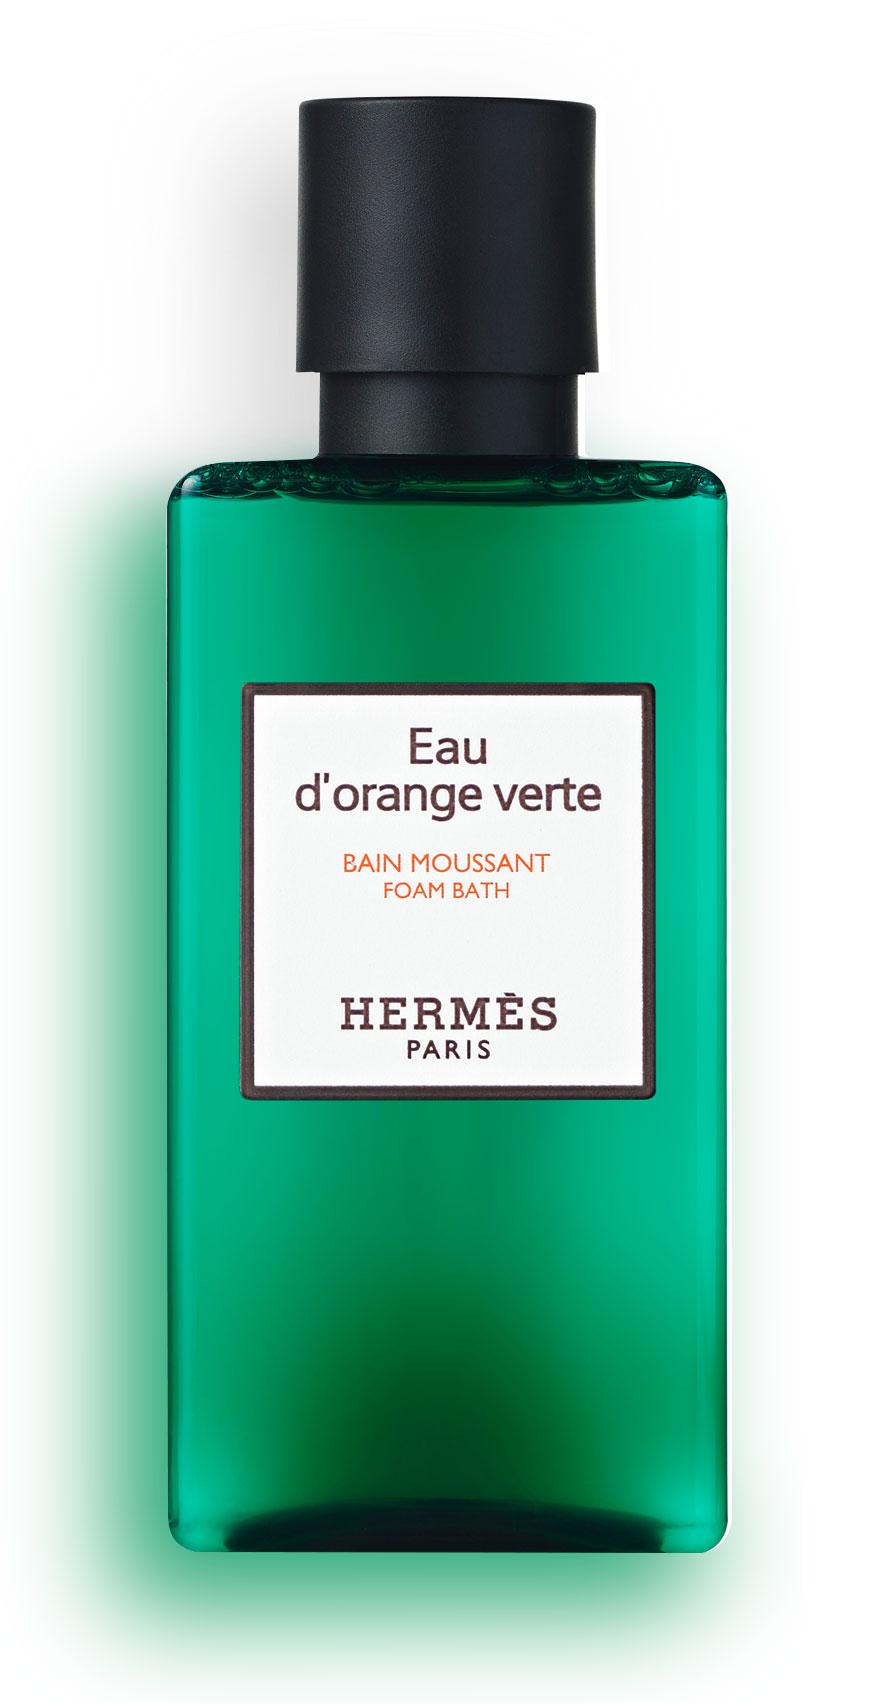 Hermès - Eau d'orange verte - Bain moussant 40 ml